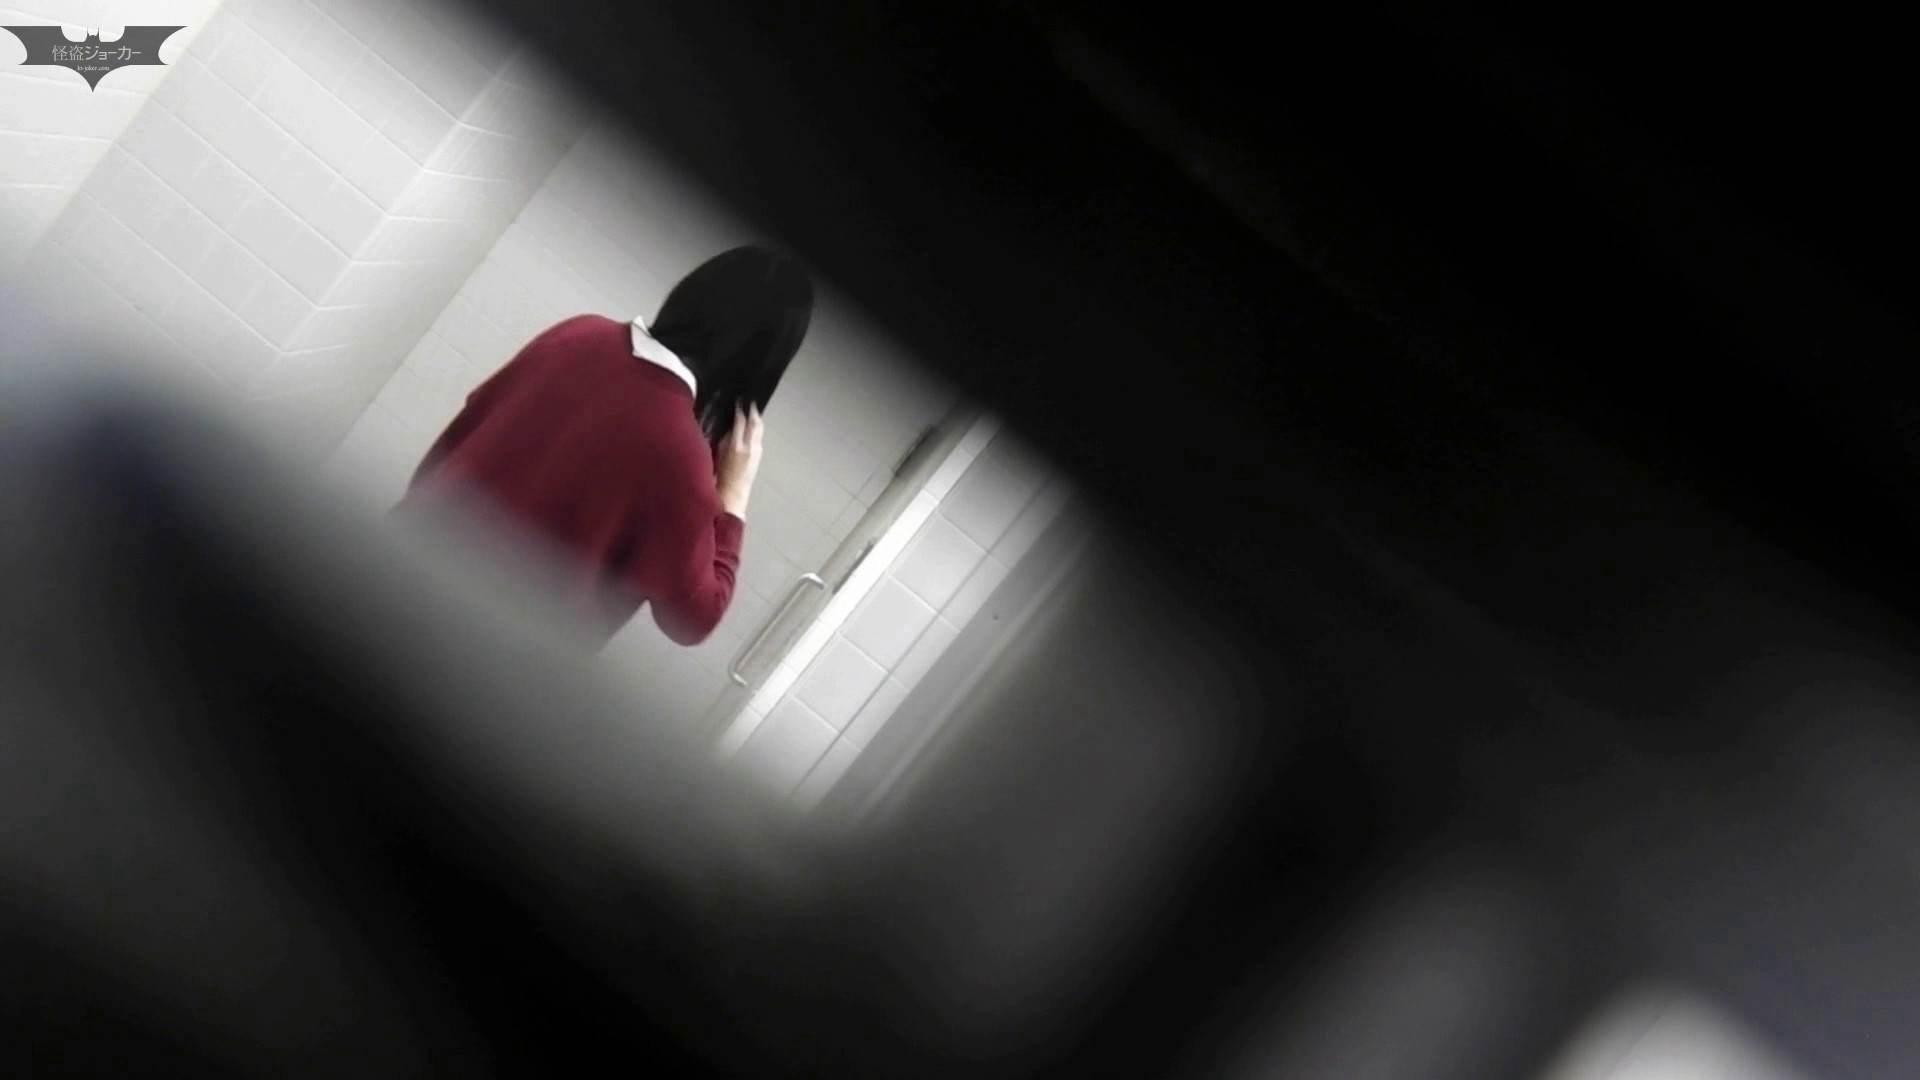 お銀さん vol.59 ピンチ!!「鏡の前で祈る女性」にばれる危機 お姉さん  98PIX 13